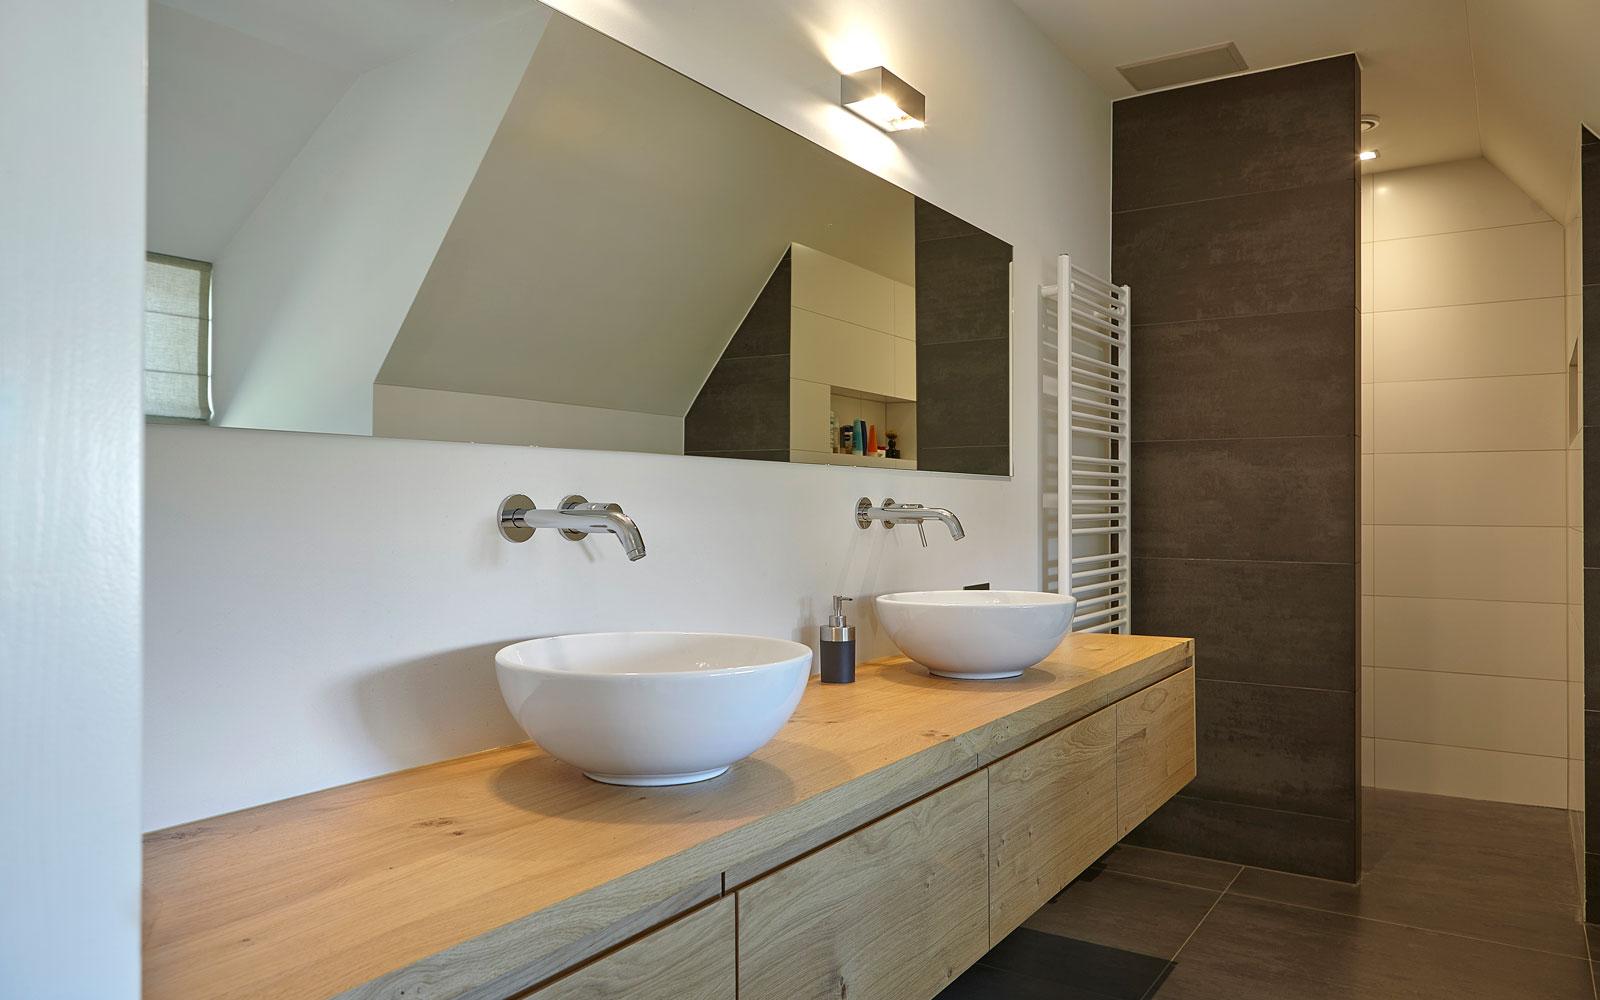 Badkamer, dubbele wastafel, grote spiegel, landelijk, industrieel, Wolfs Architecten